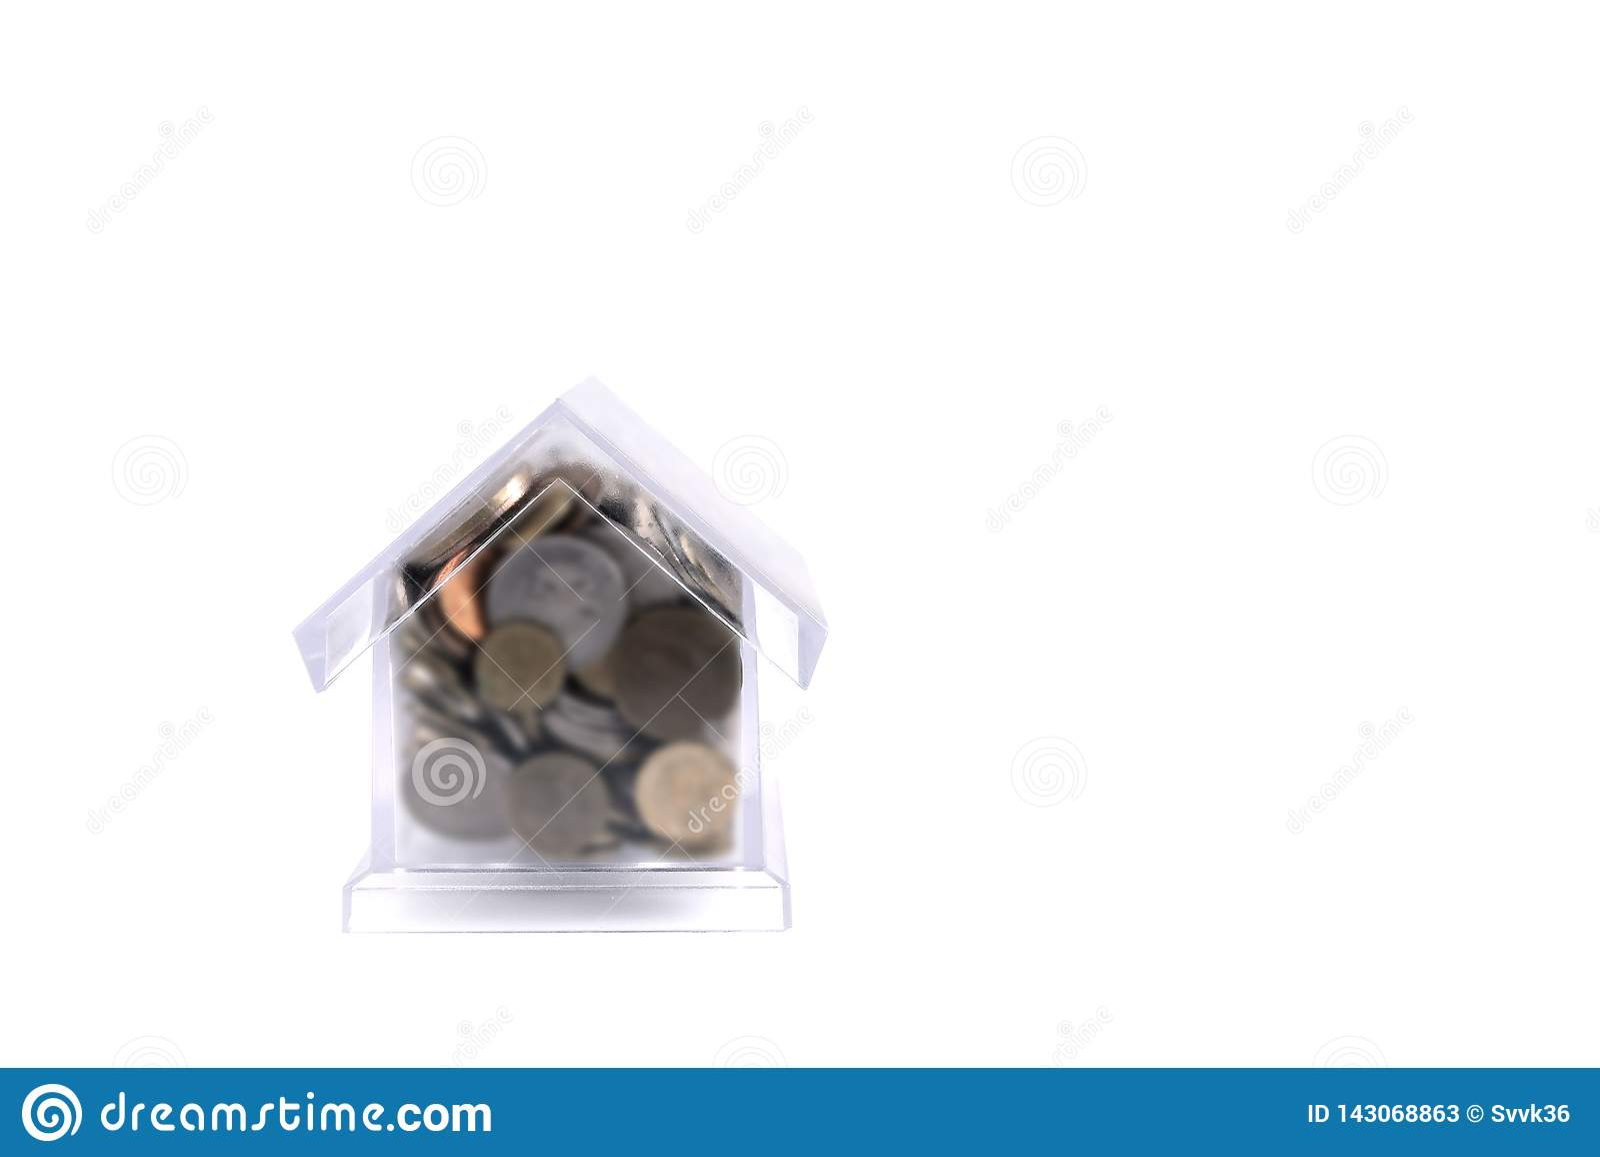 Maison-porc avec un tuyau Maison en plastique transparente sur un fond blanc Dans les pièces de monnaie en métal de tirelire de d